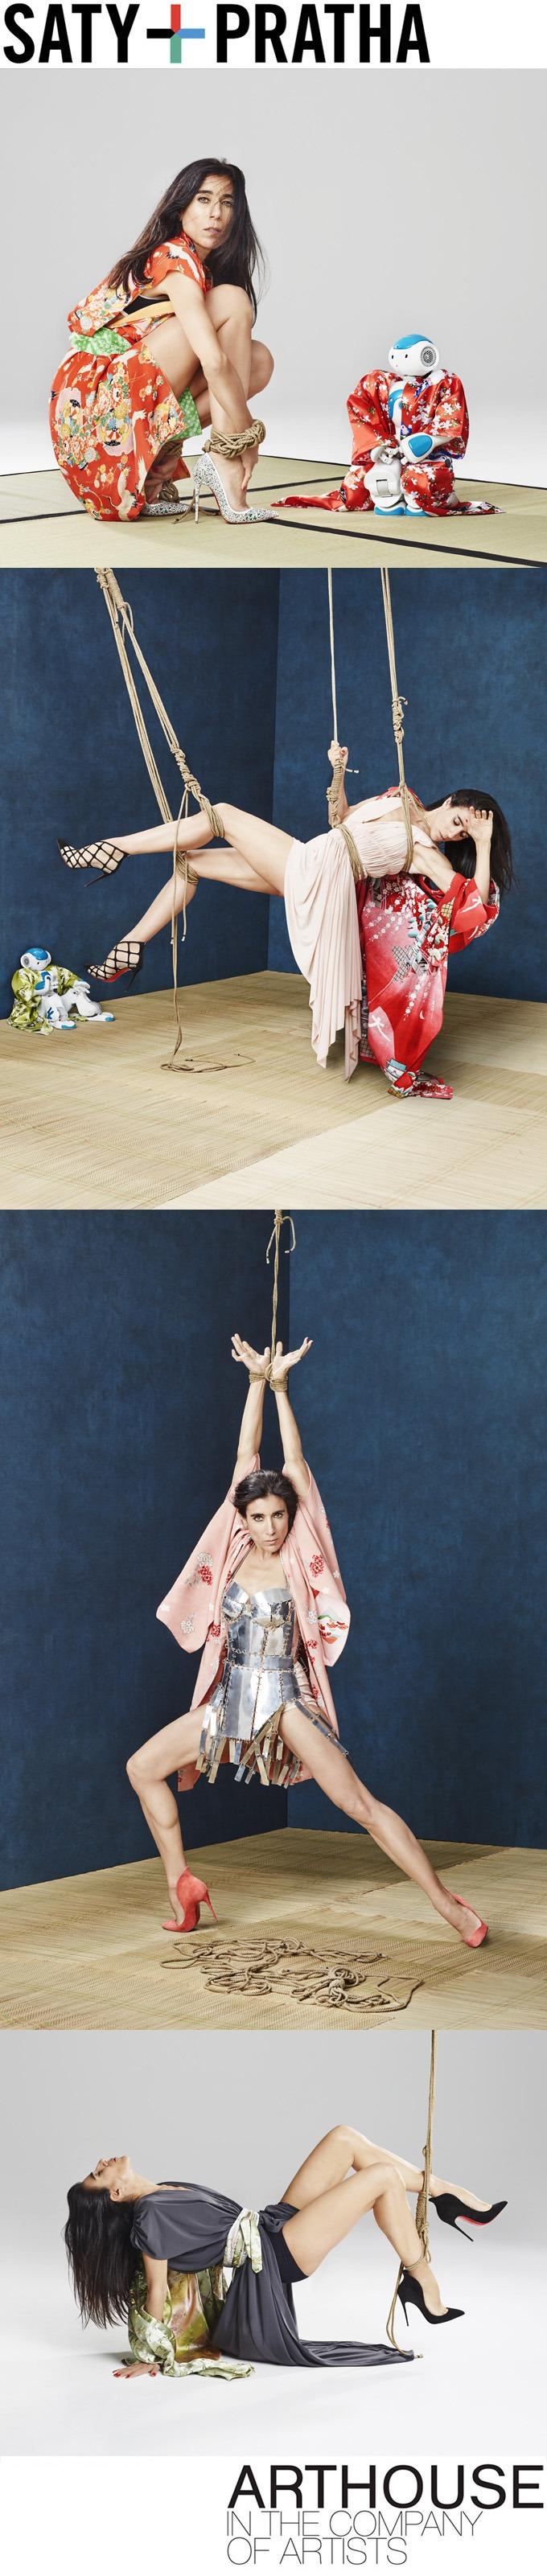 Saty+Pratha - Louboutin Blanca Li